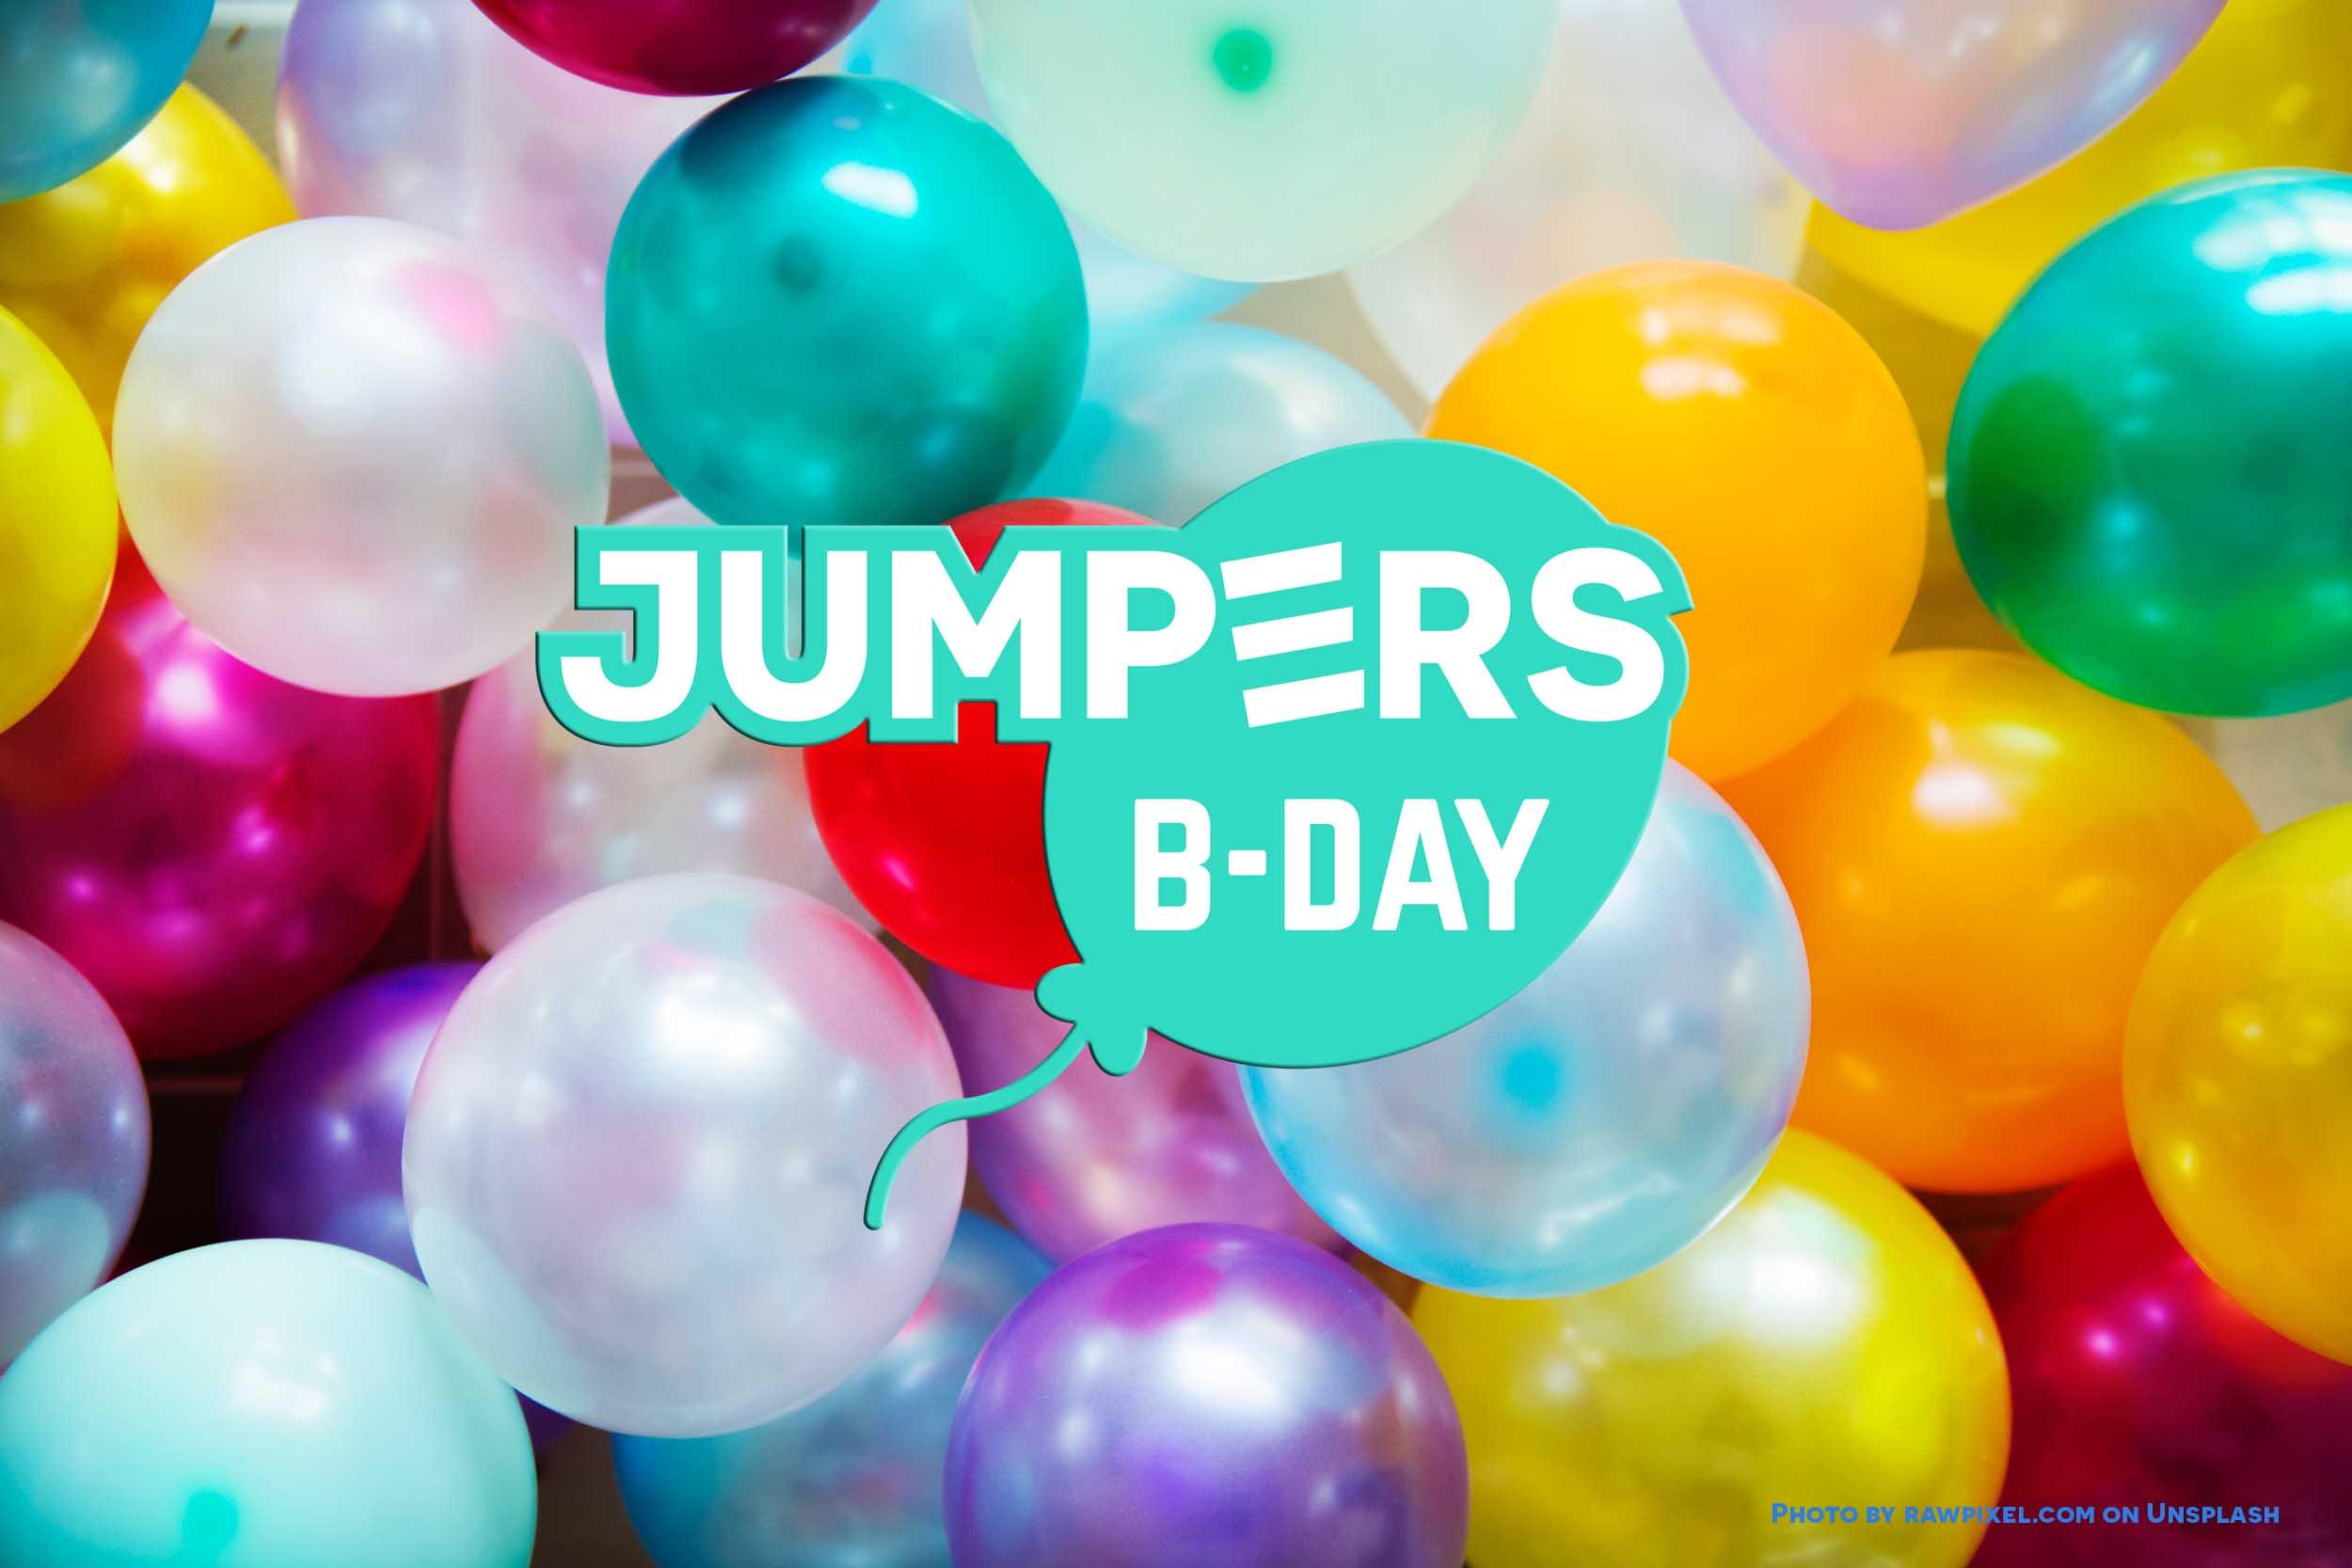 festa-anos-porto-jumpers.jpg